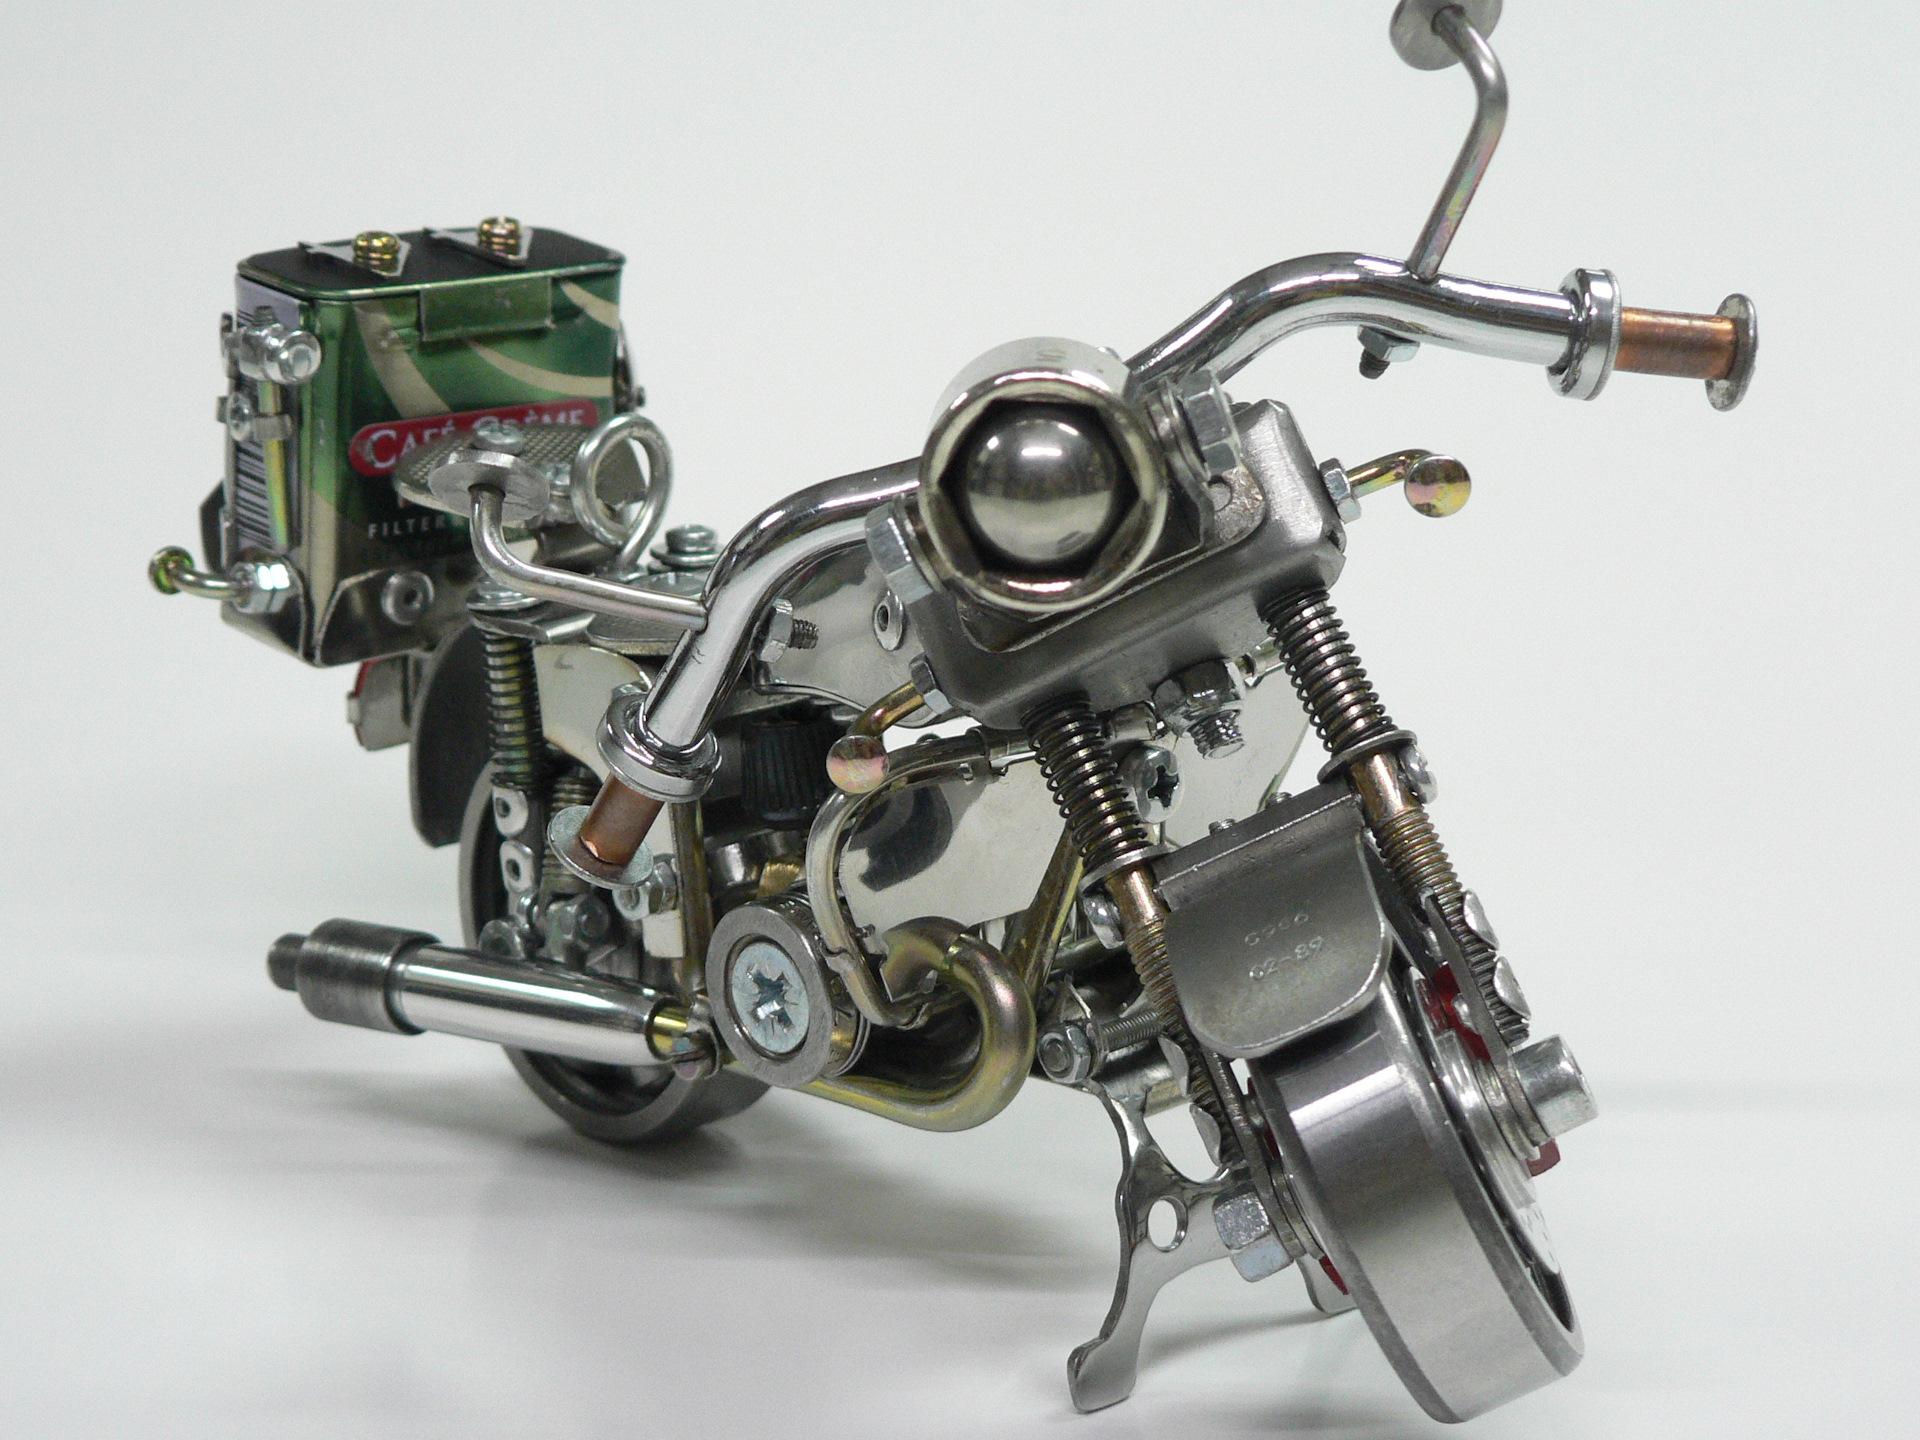 этой модели мотоциклов фото из подшипников самодельные несколько